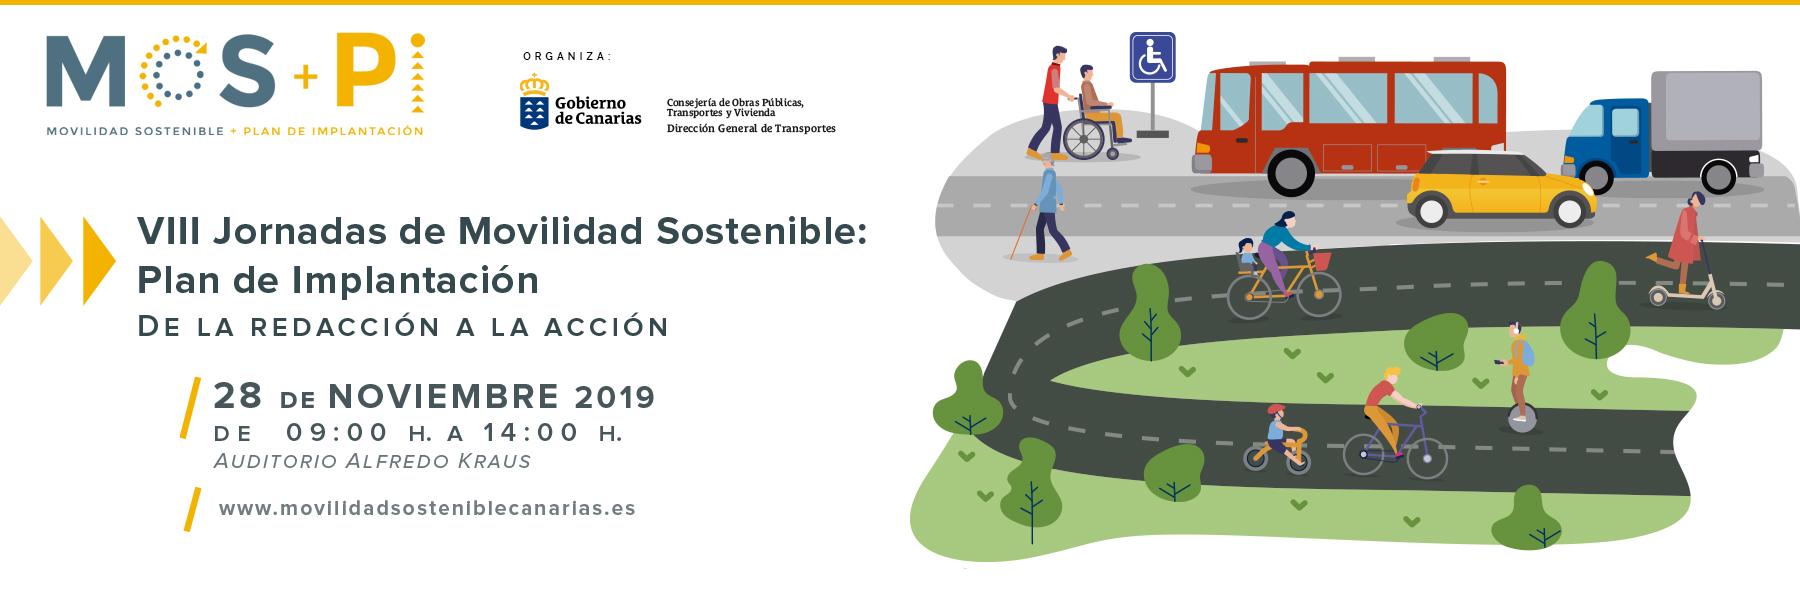 VIII Jornadas de movilidad sostenible